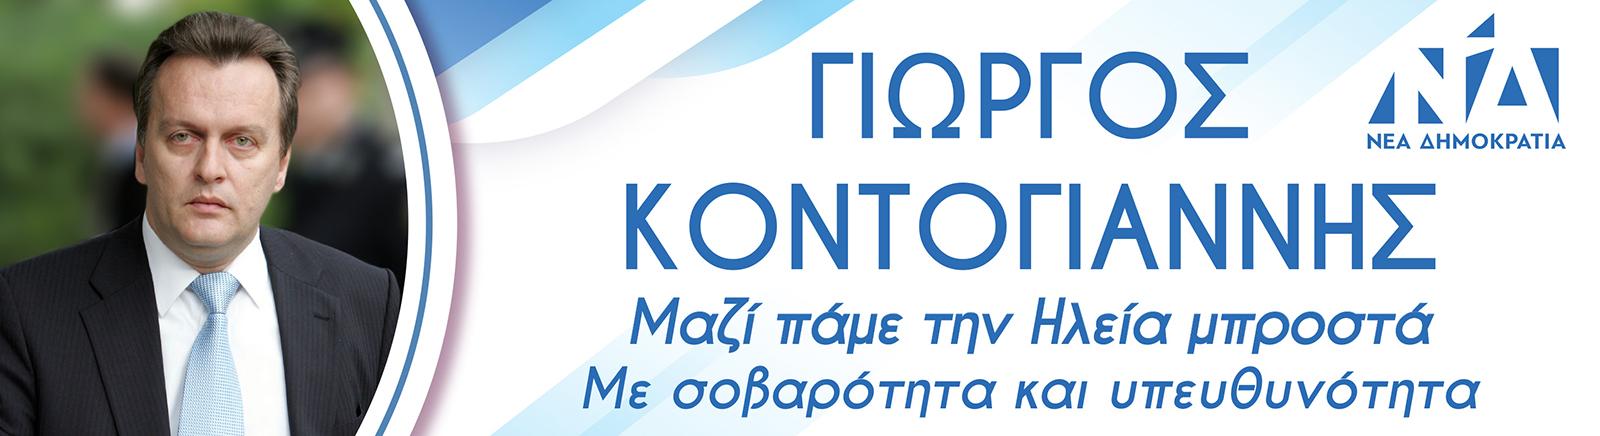 ΓΕΩΡΓΙΟΣ ΚΟΝΤΟΓΙΑΝΝΗΣ